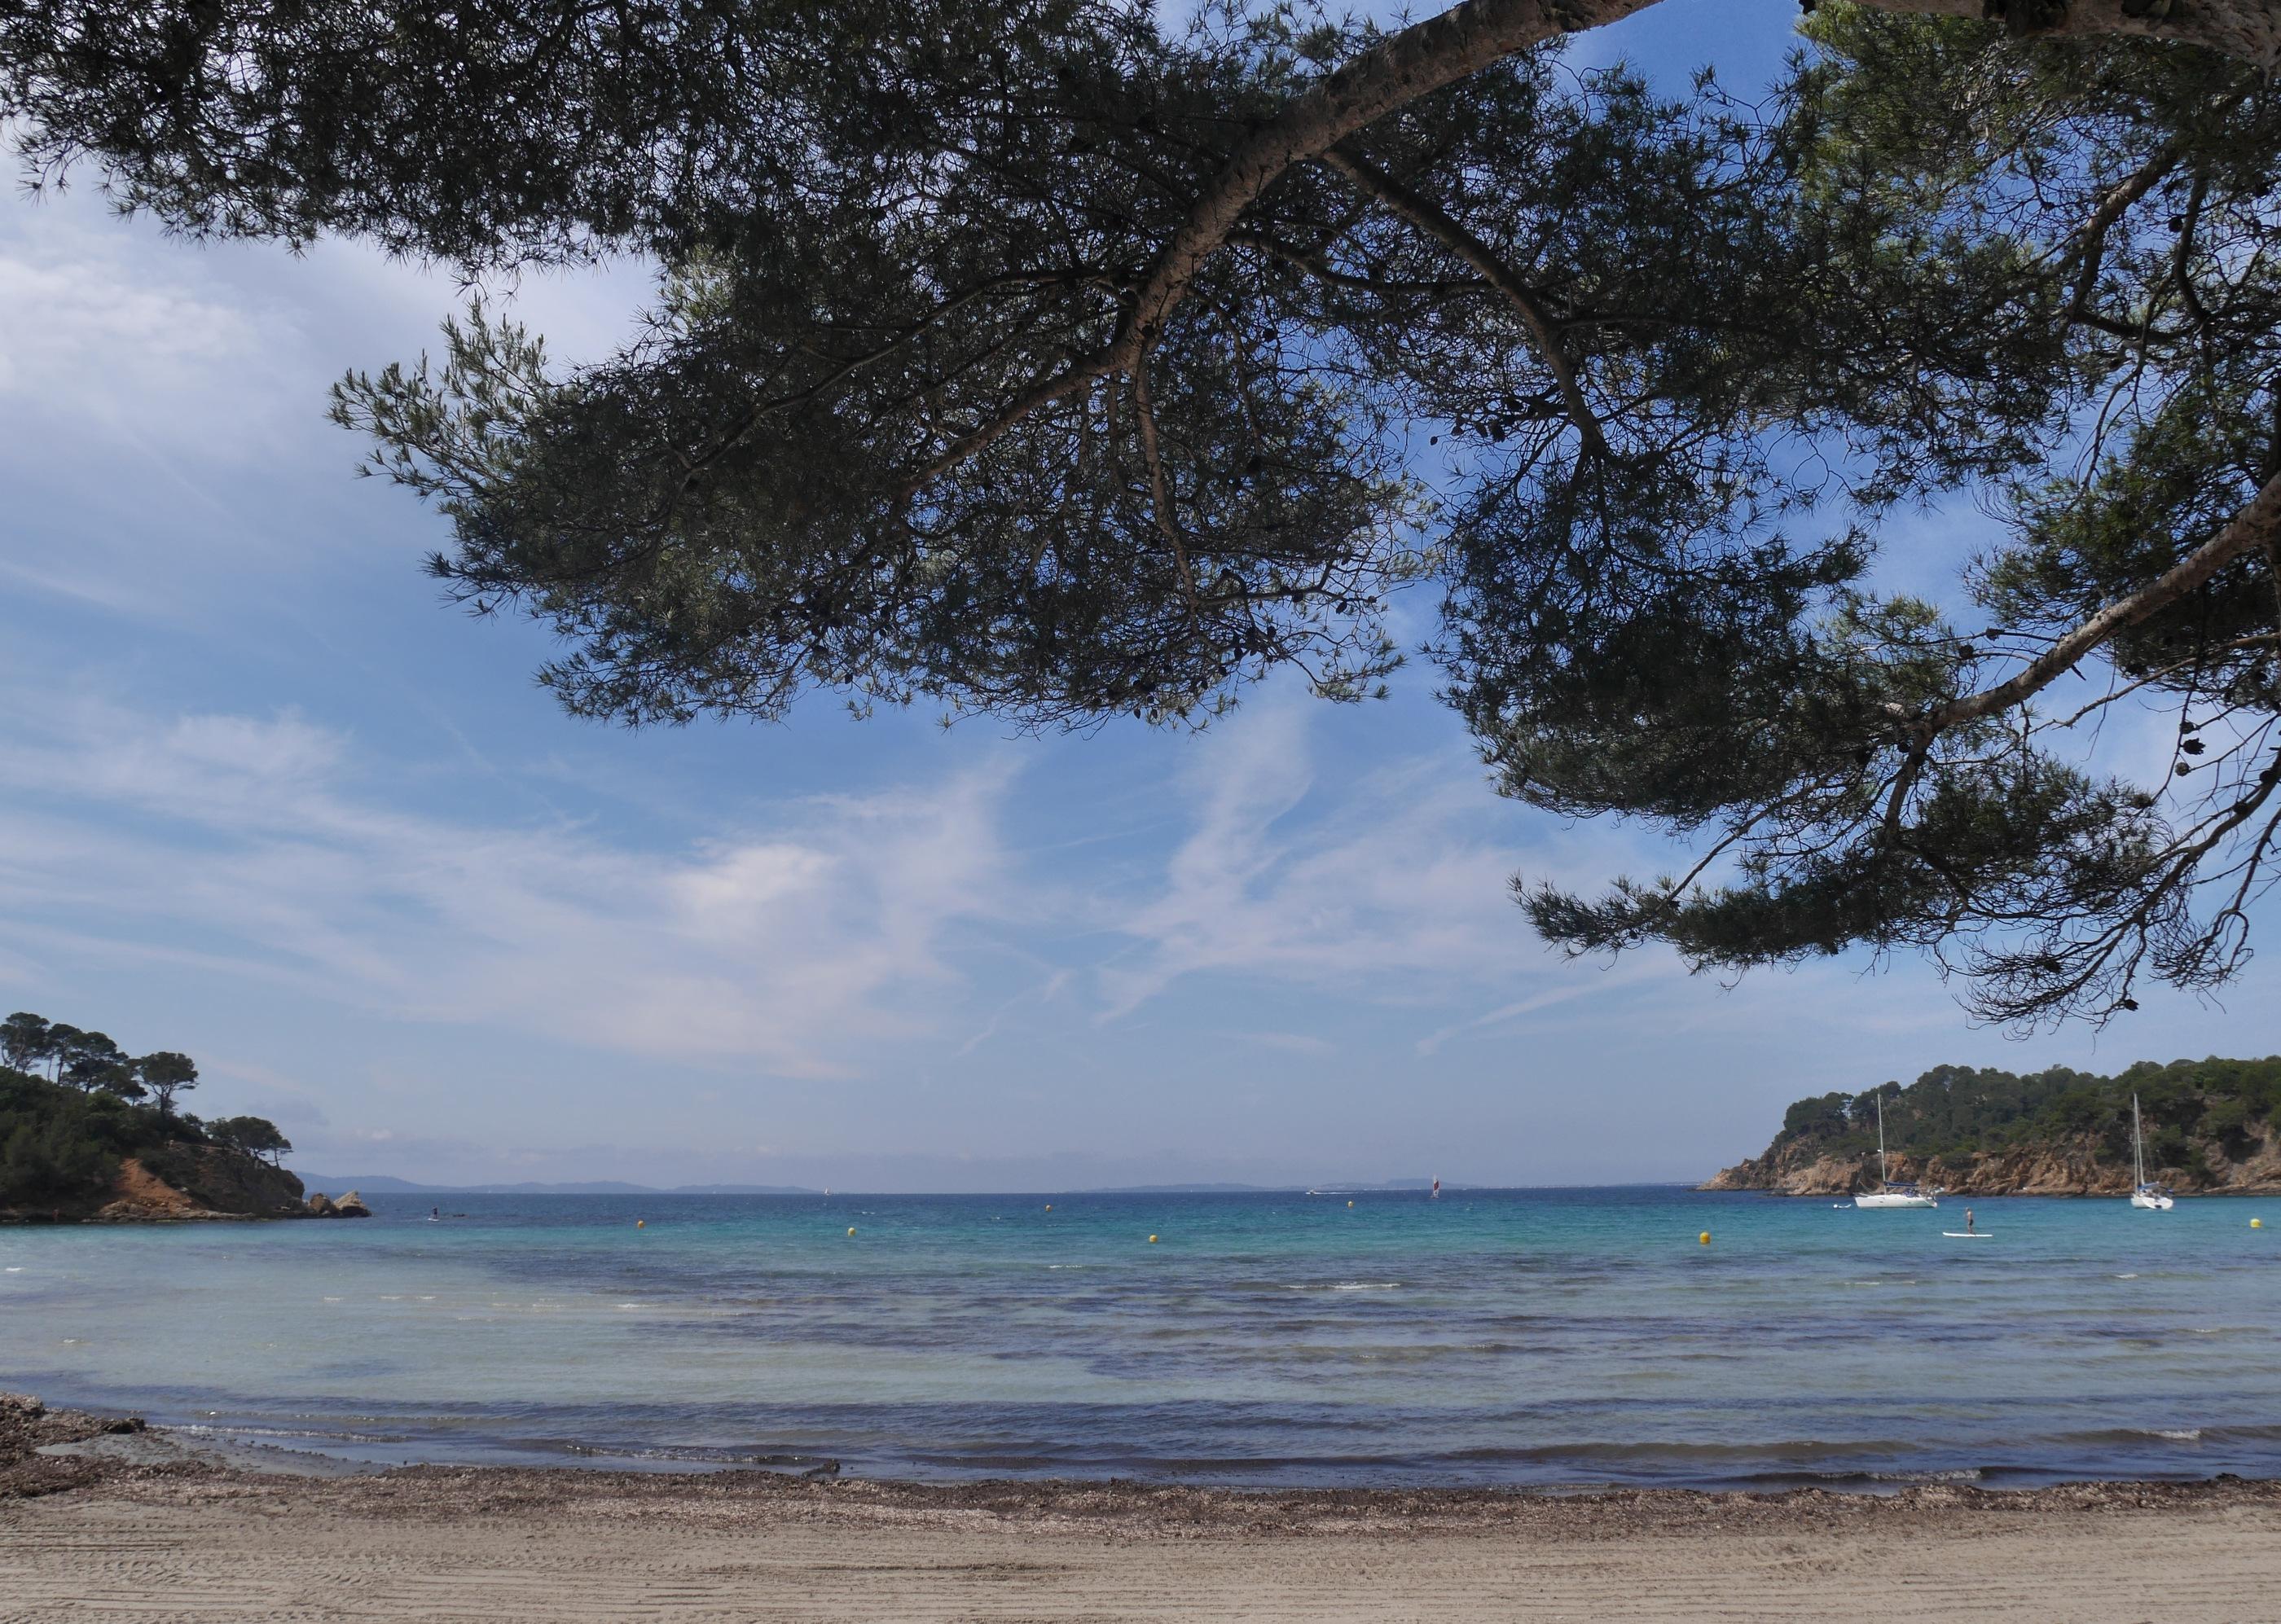 De la plage de l'Argentière au Fort de Brégançon 23/05/2018